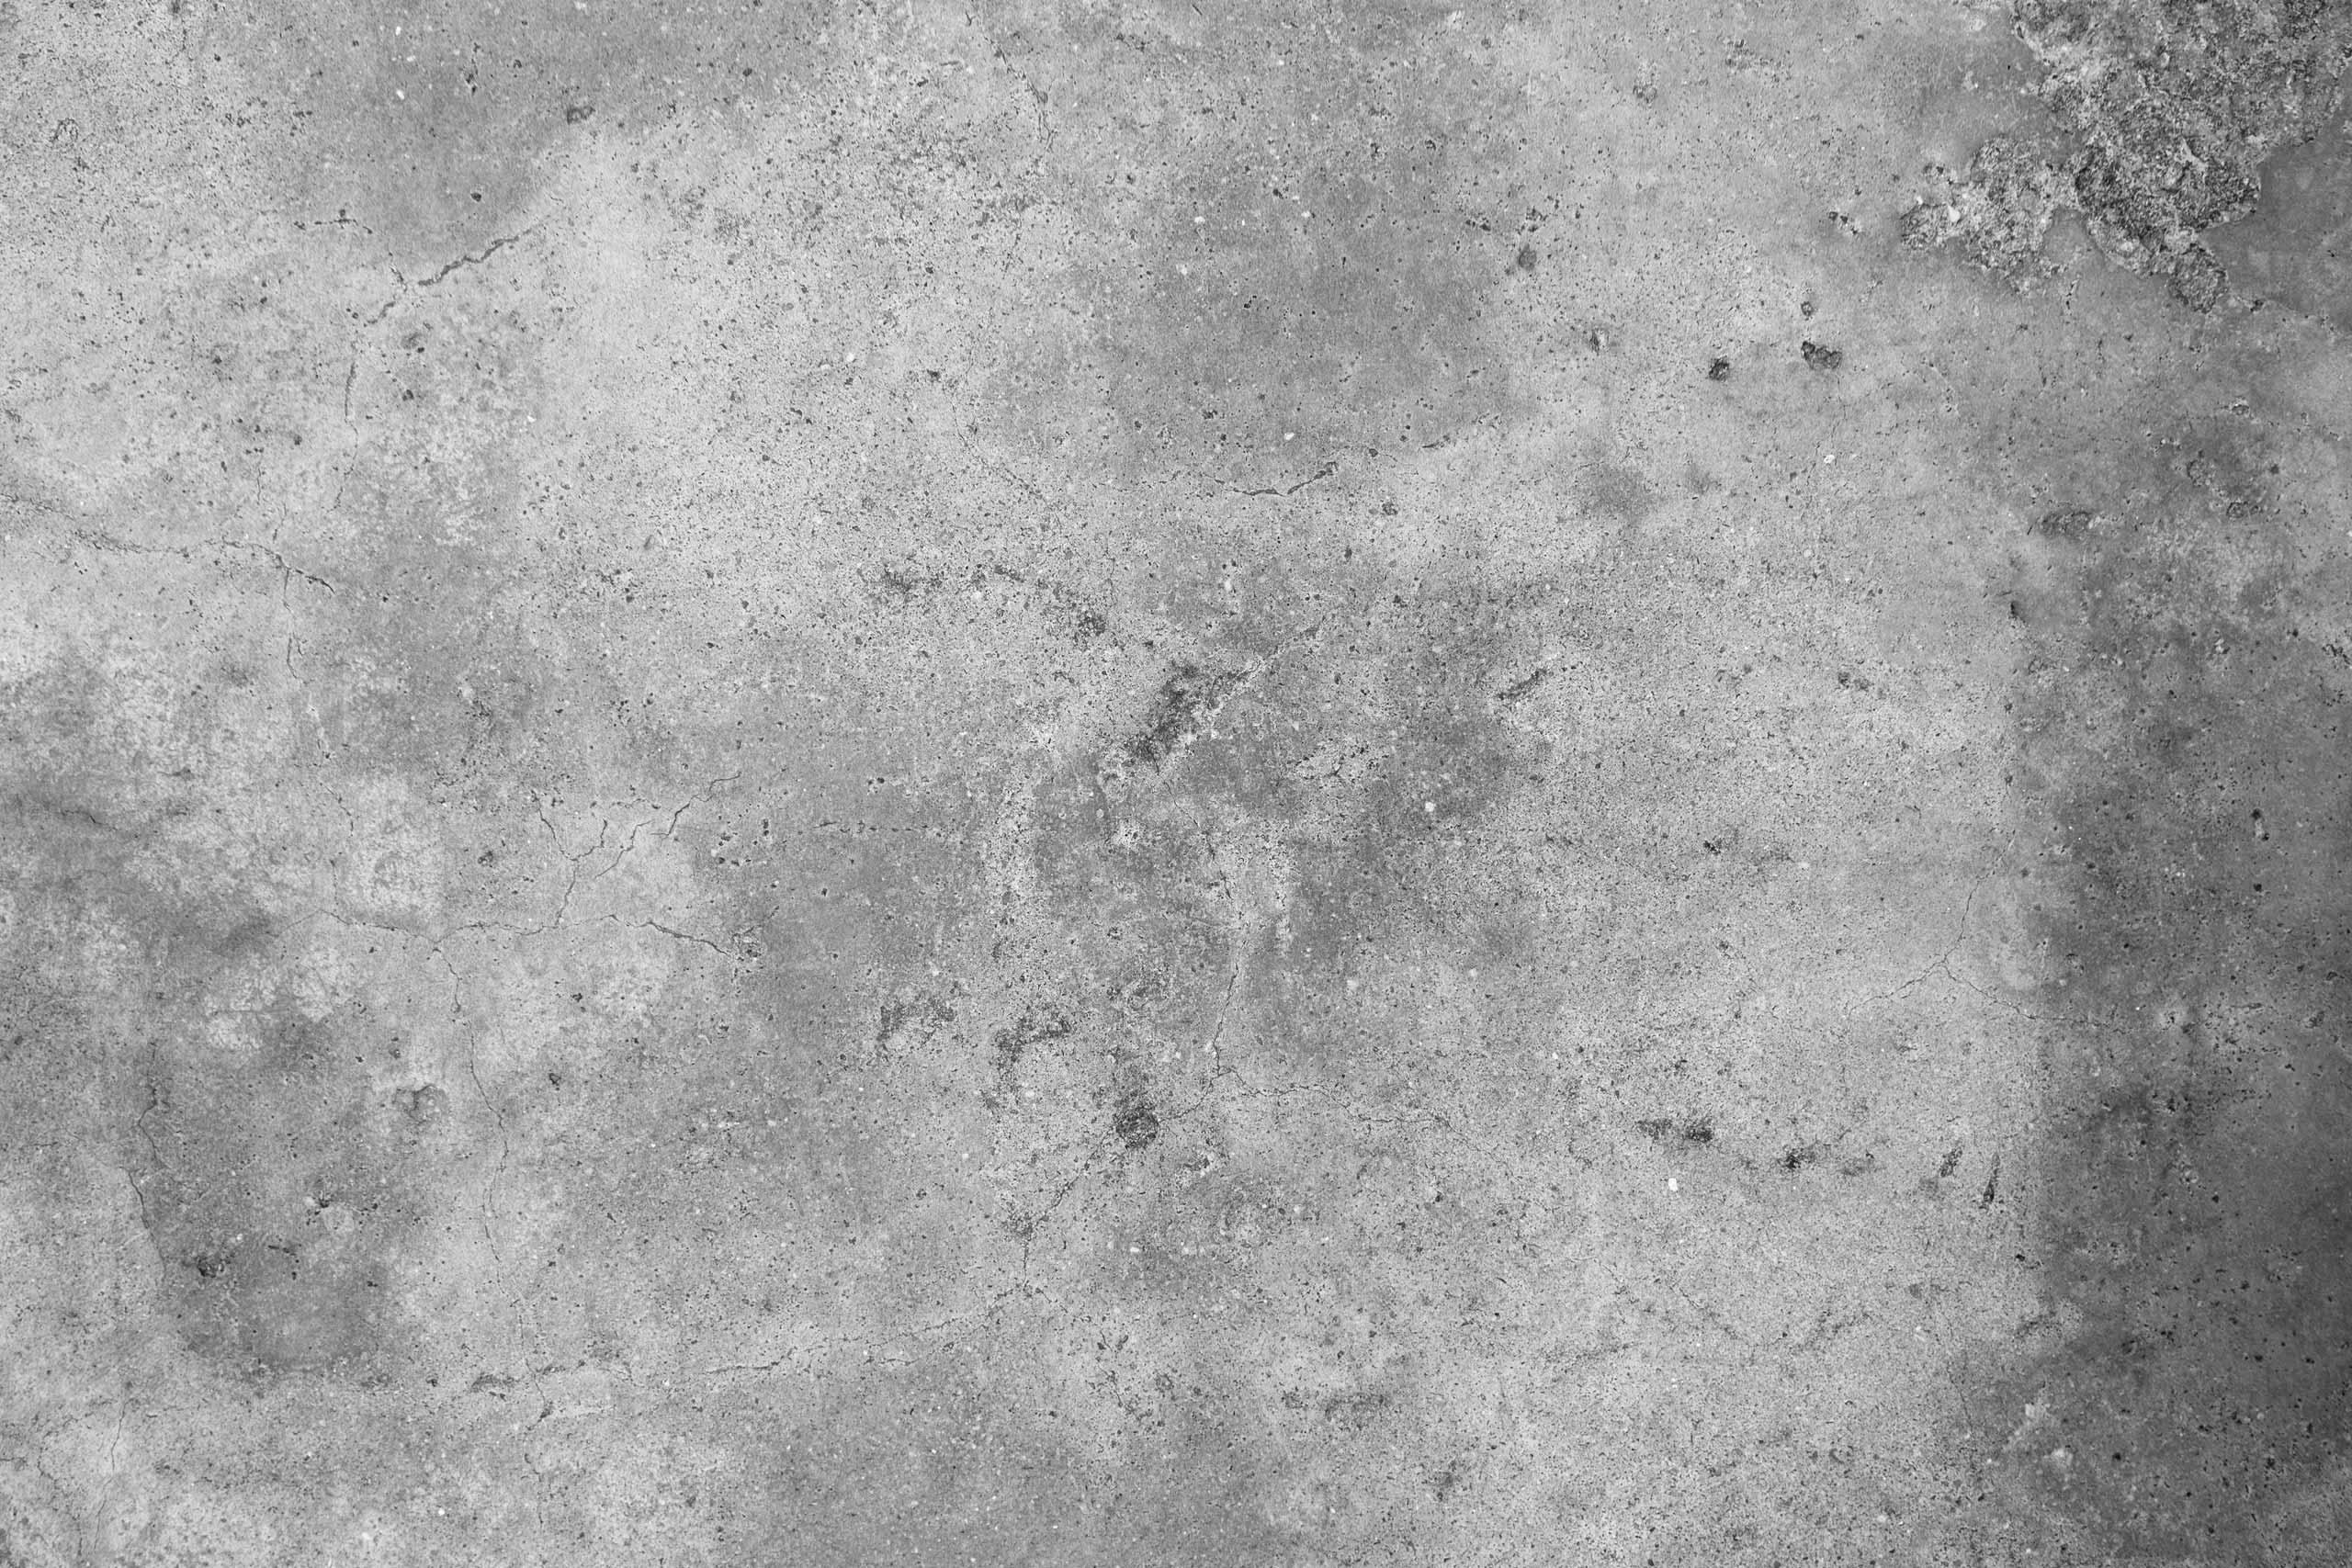 Фотография серой бетонной стены.